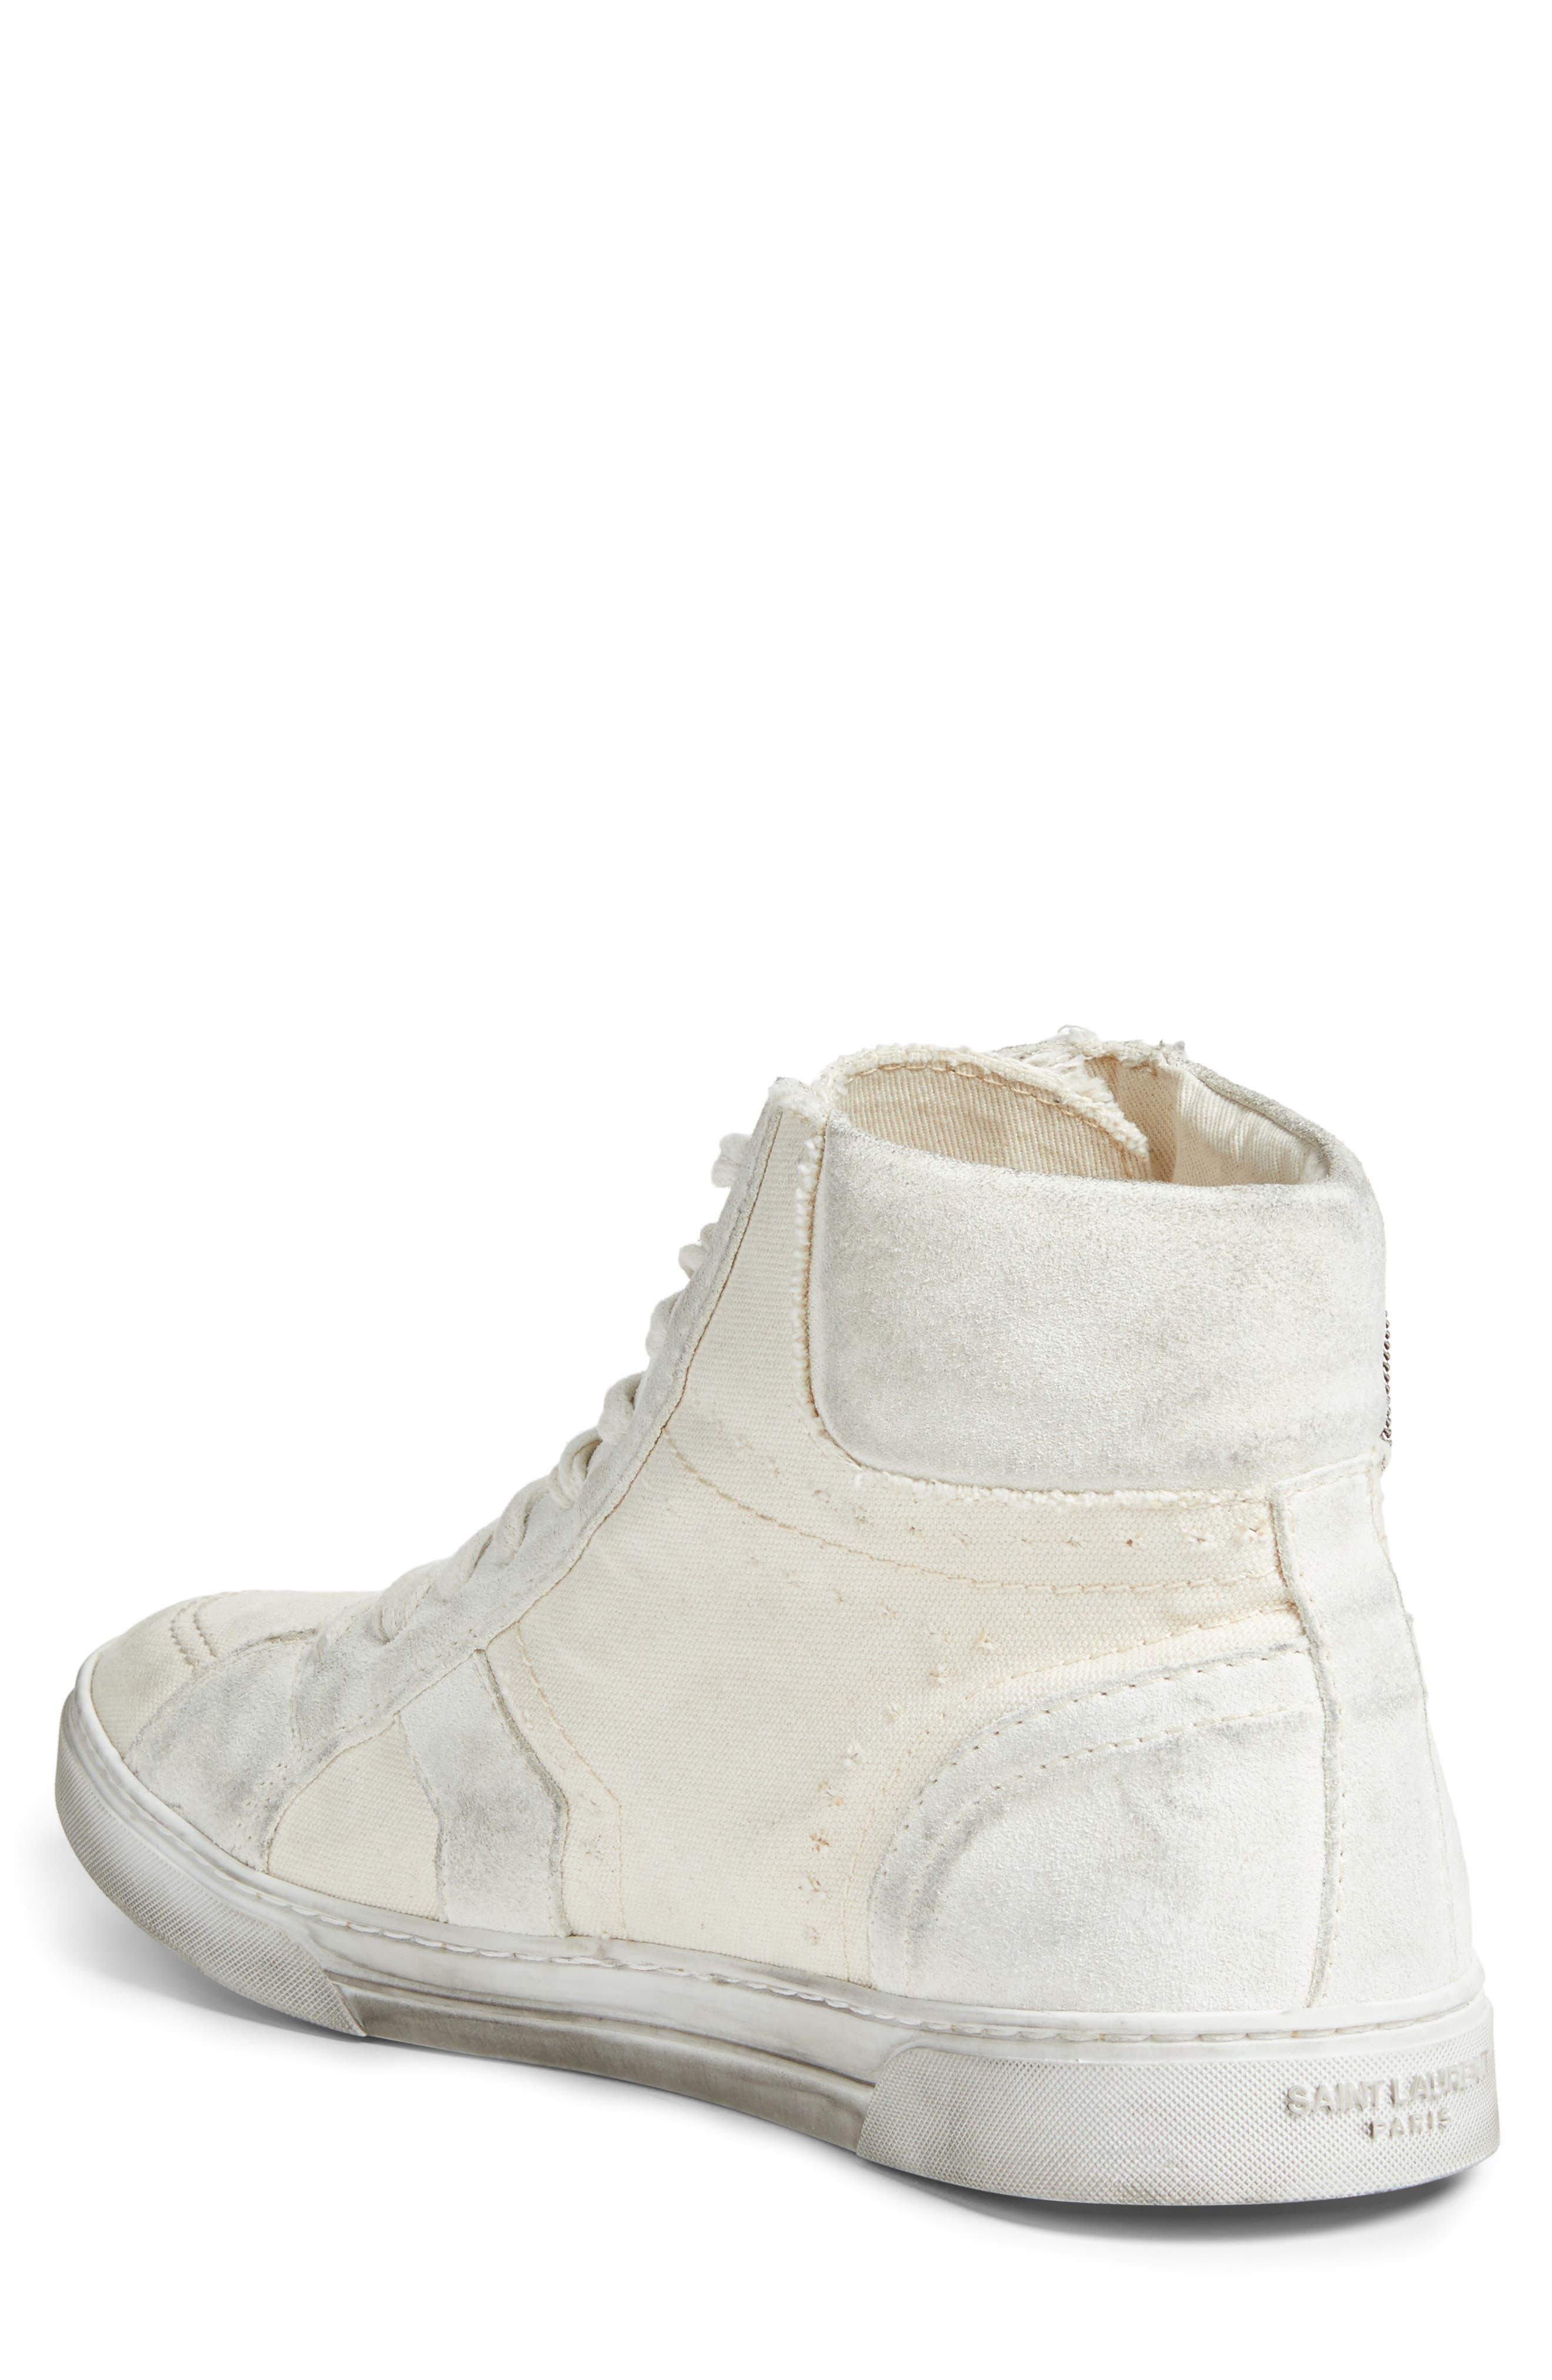 Antibe Sneaker,                             Alternate thumbnail 2, color,                             White Multi